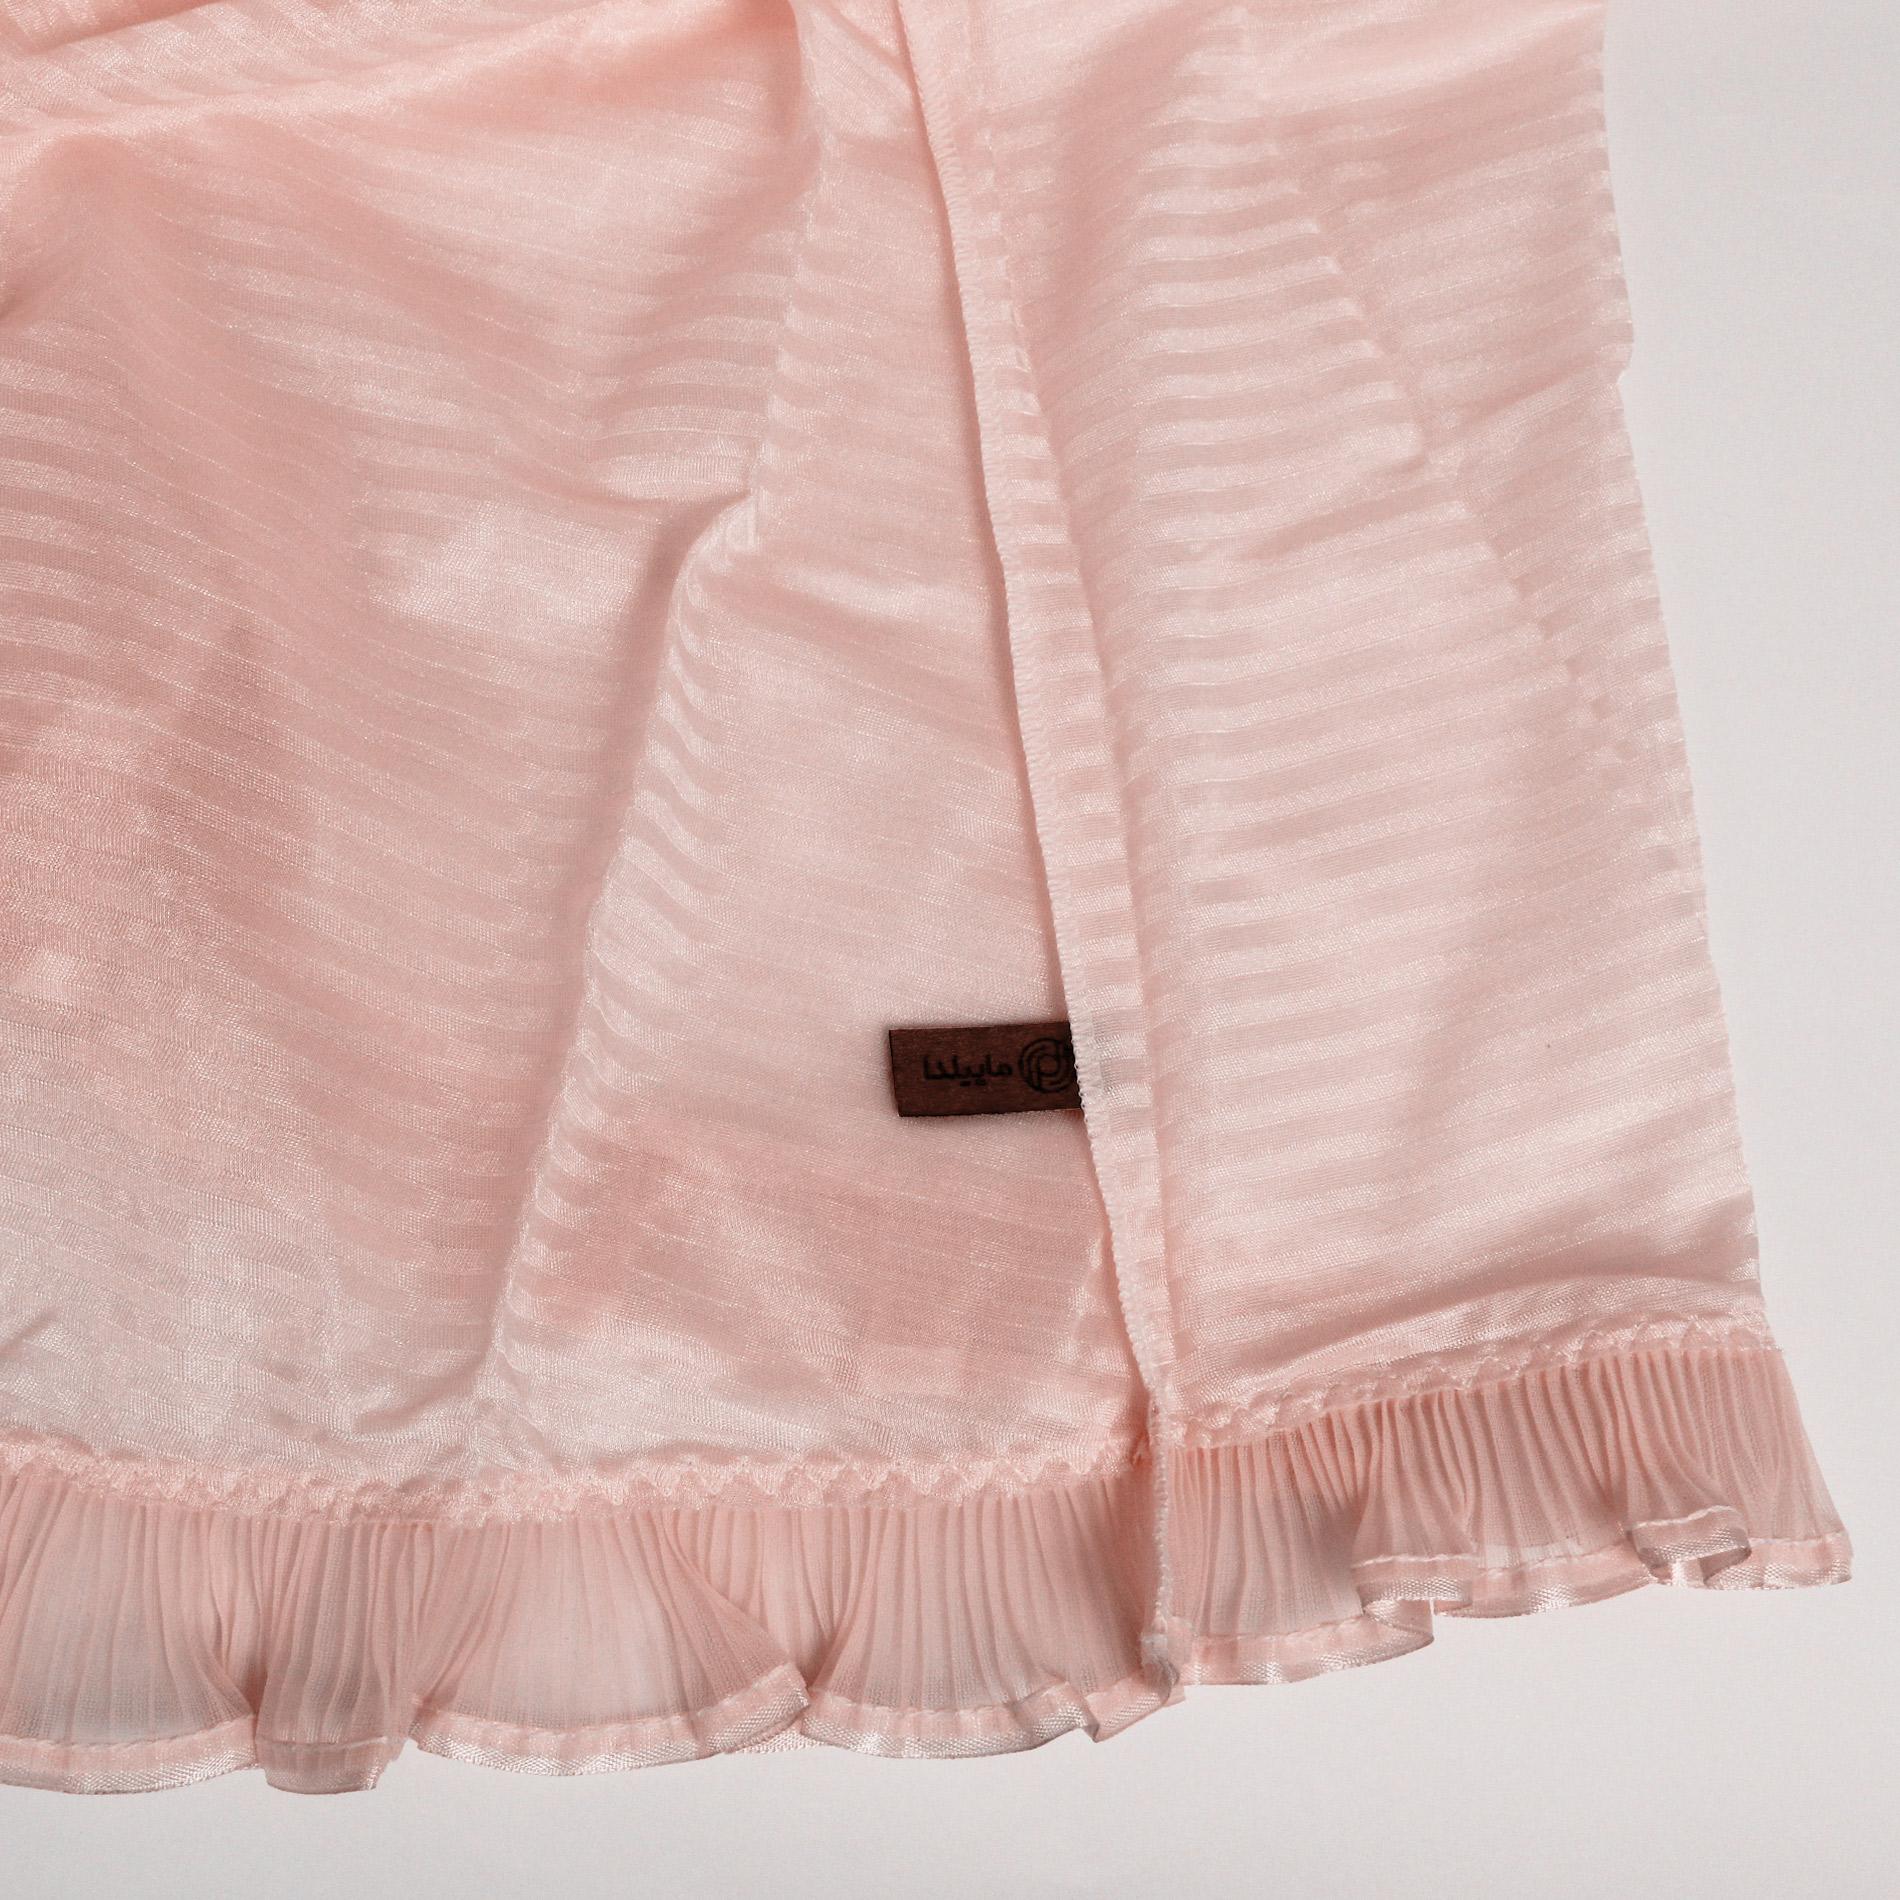 لباس خواب زنانه ماییلدا مدل 3595-1 main 1 5